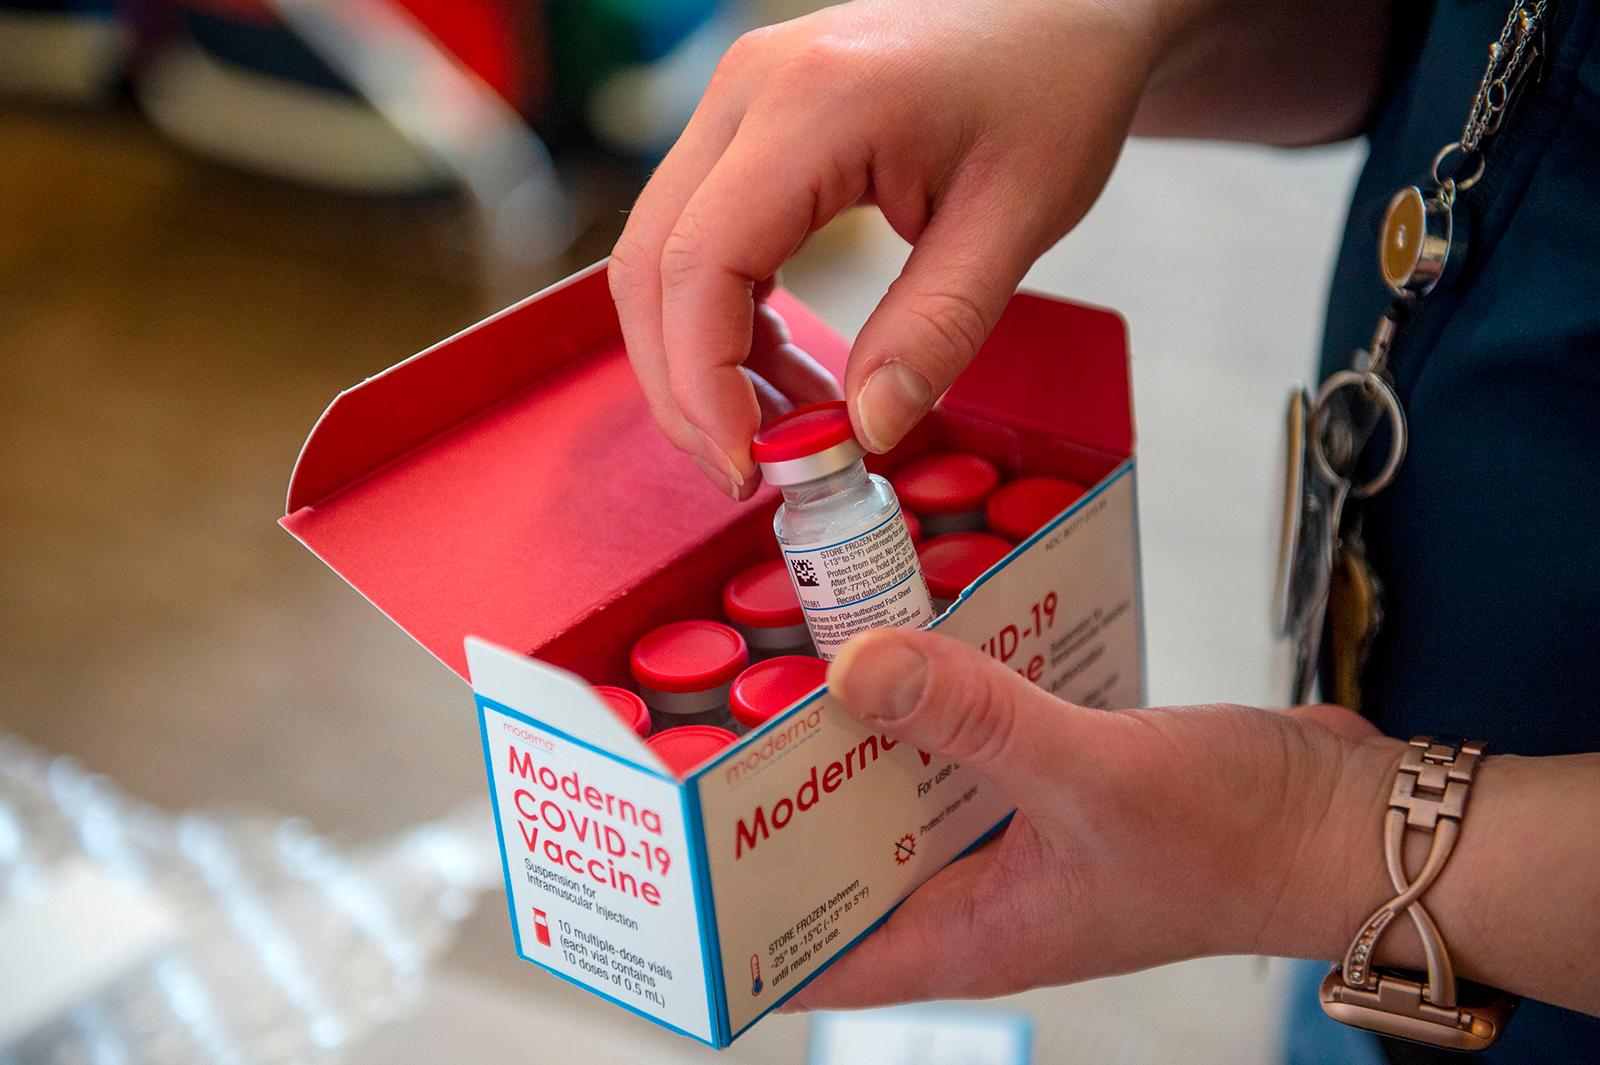 Courtney Senechal unpacks Moderna Covid-19 vaccines for use at the East Boston Neighborhood Health Center in Boston, Massachusetts on December 24, 2020.